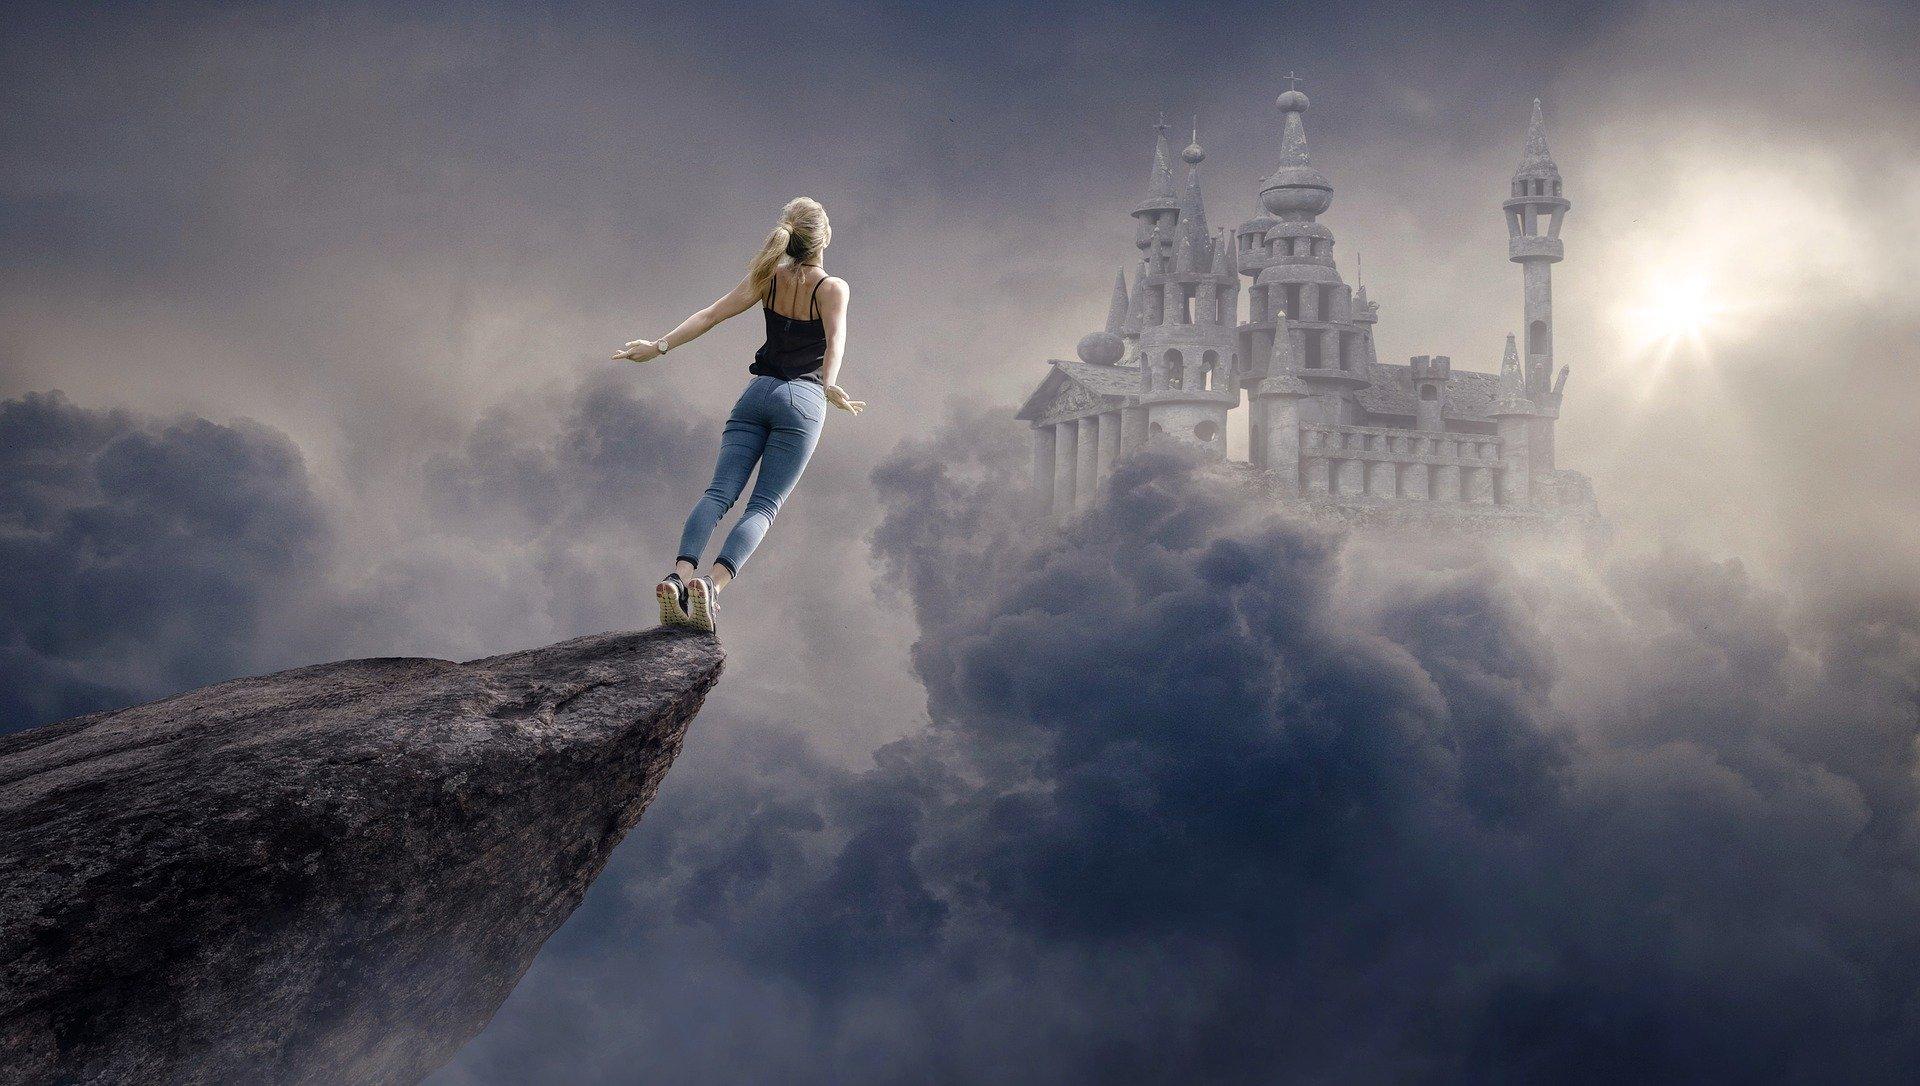 una ragazza di spalle che si butta libera su un precipizio e all'orizzonte un castello tra la nebbia